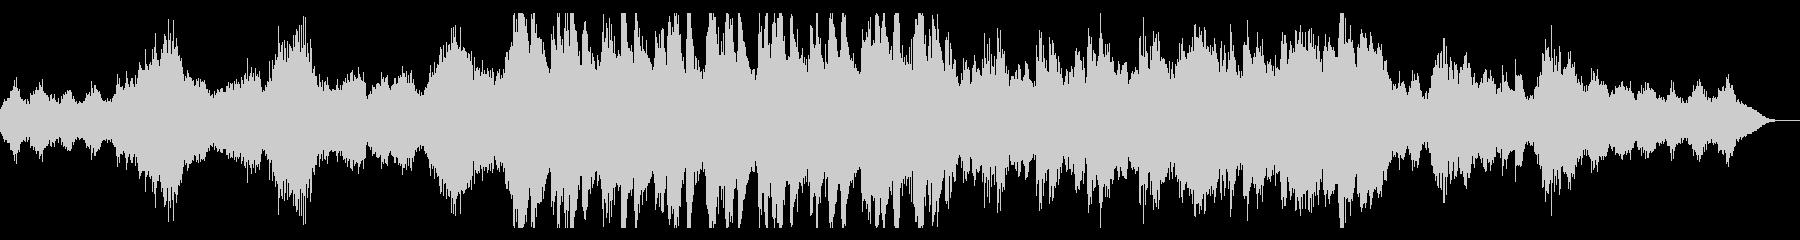 雪男をイメージした不気味なオーケストラ曲の未再生の波形